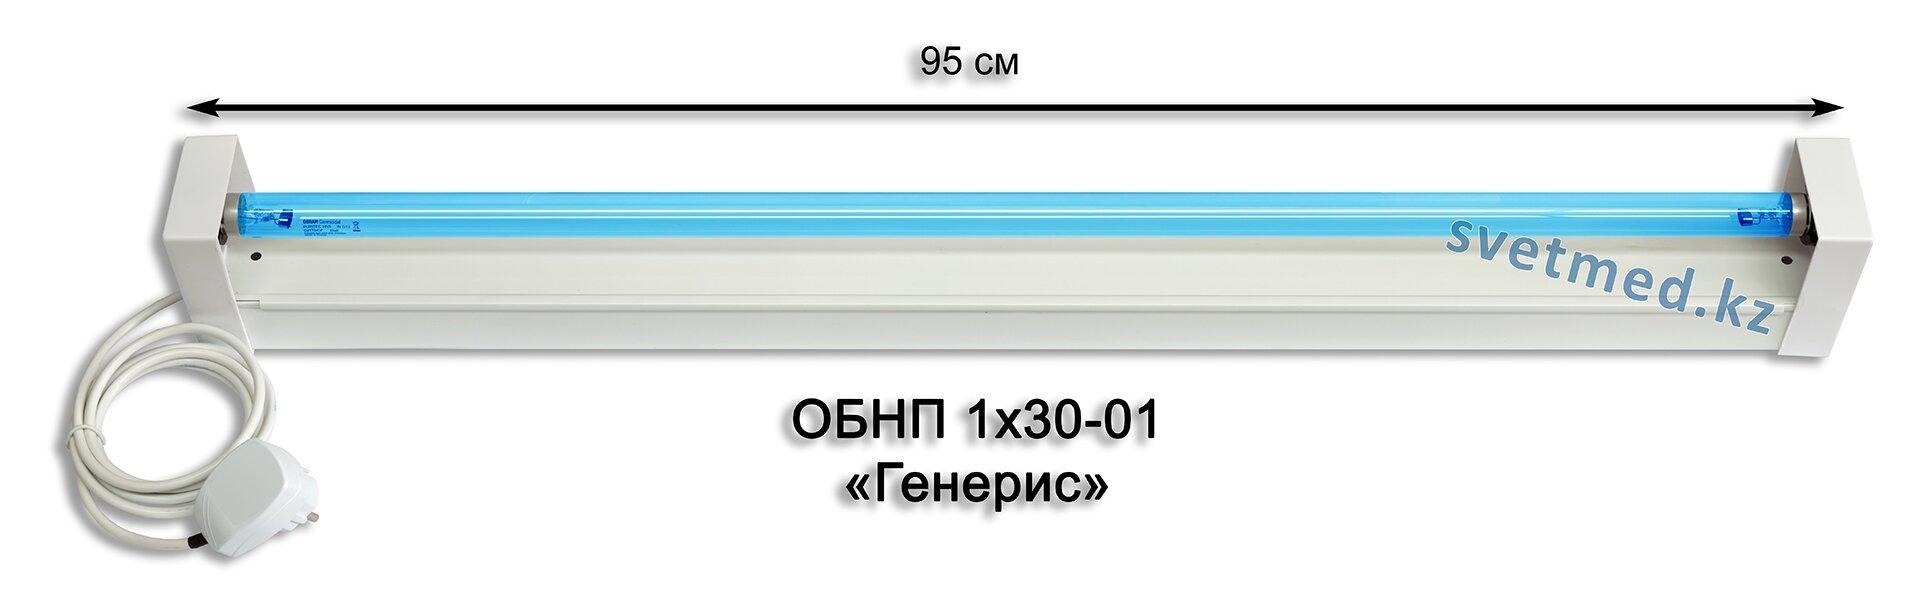 Облучатель бактерицидный настенный ОБНП 1х30-01 Генерис - фото Облучатель бактерицидный настенный ОБНП 1х30-01 Генерис.jpg